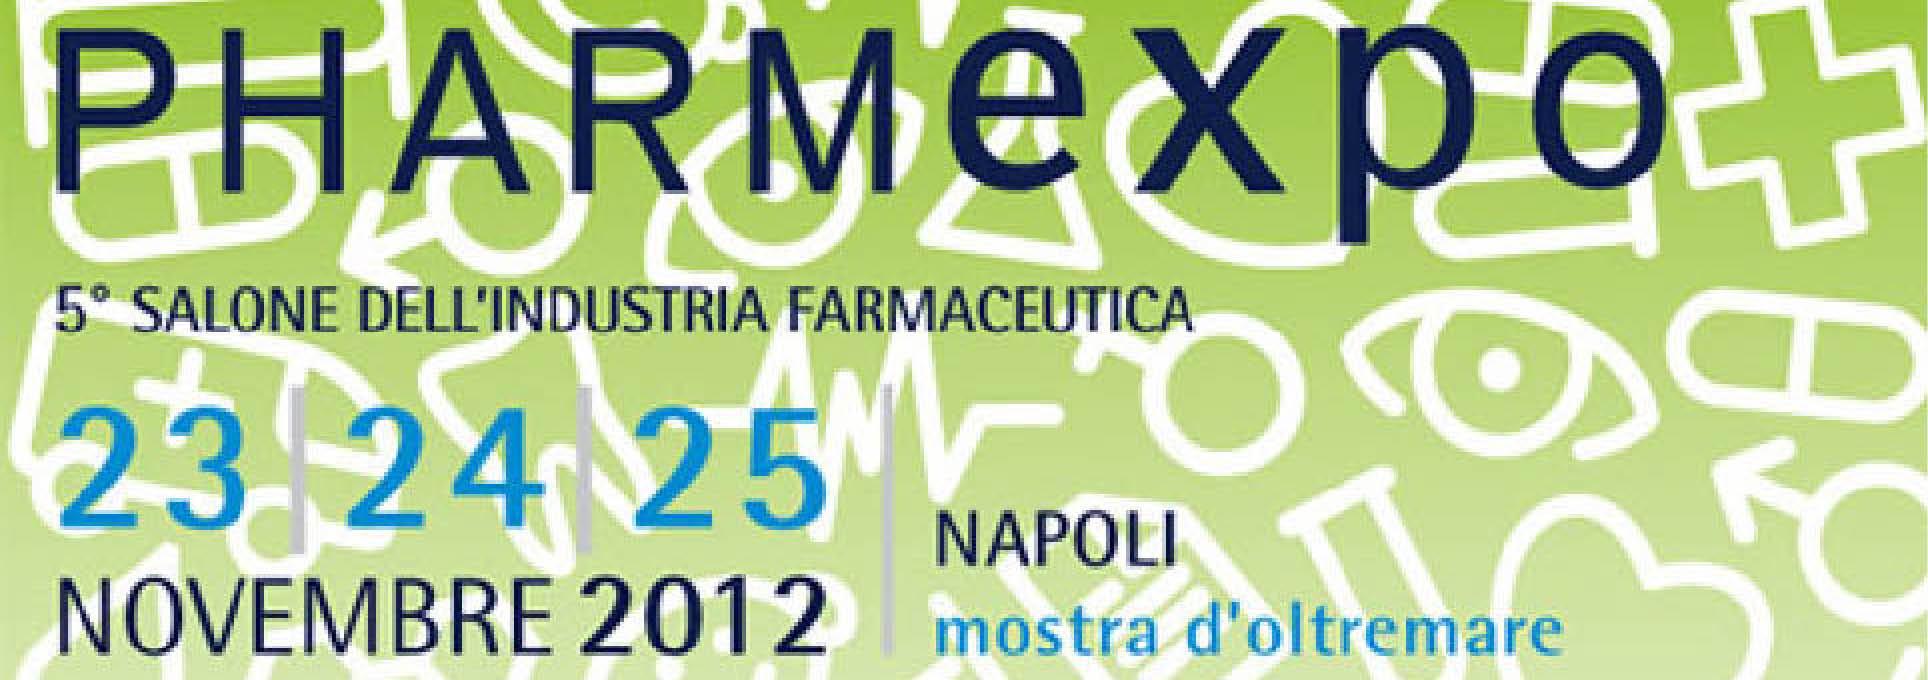 Pharmexpo 5° Salone dell'Industria Farmaceutica